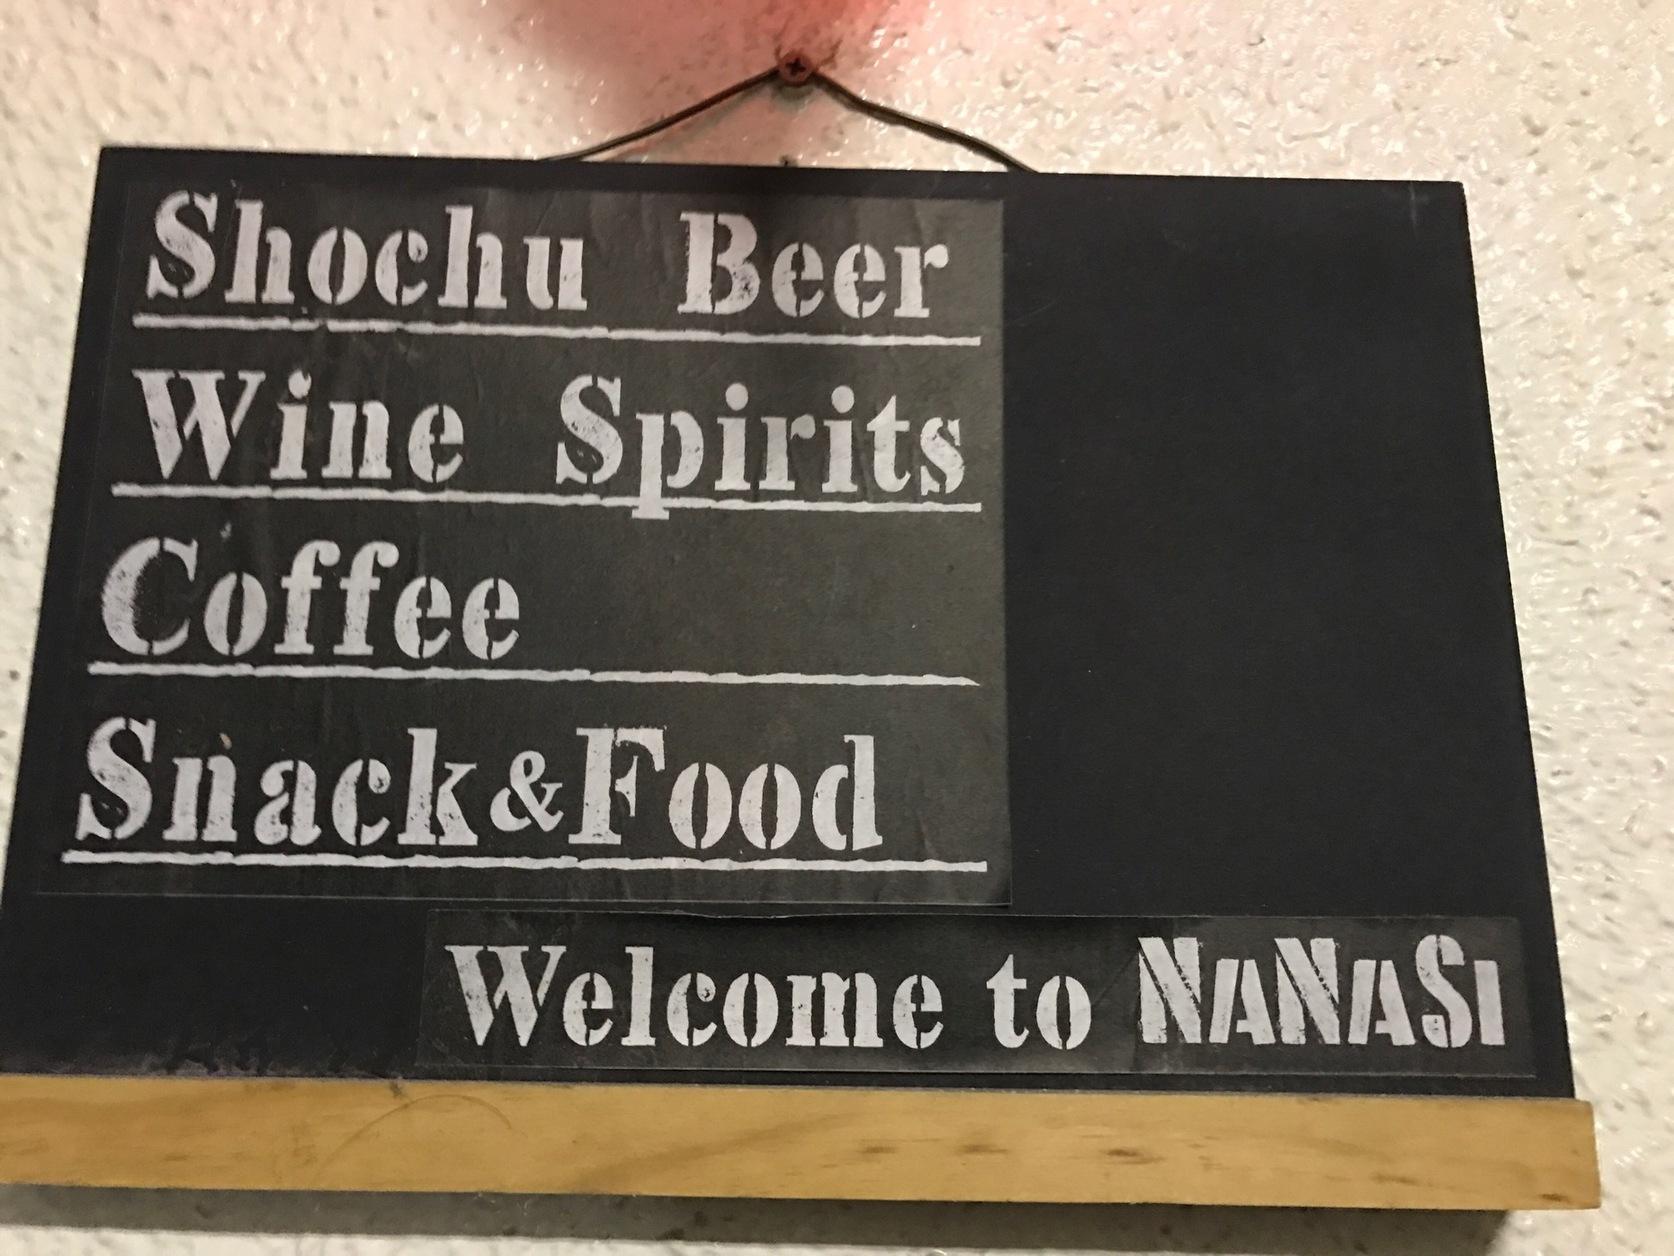 The bar has no name Nanasi